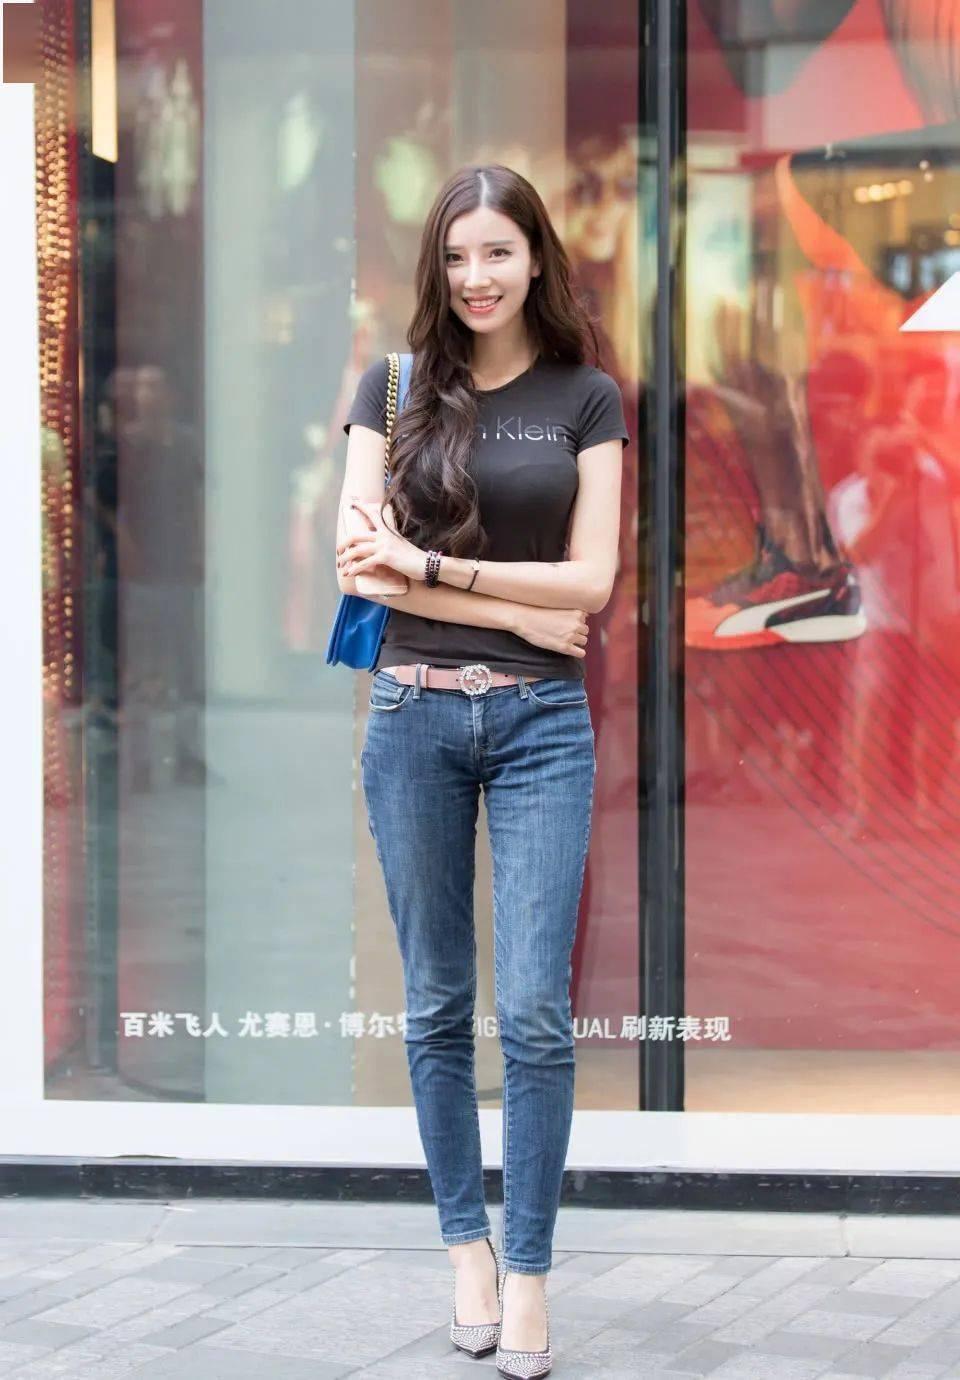 好看又时髦的牛仔裤穿搭,清爽甜美还非常的减龄